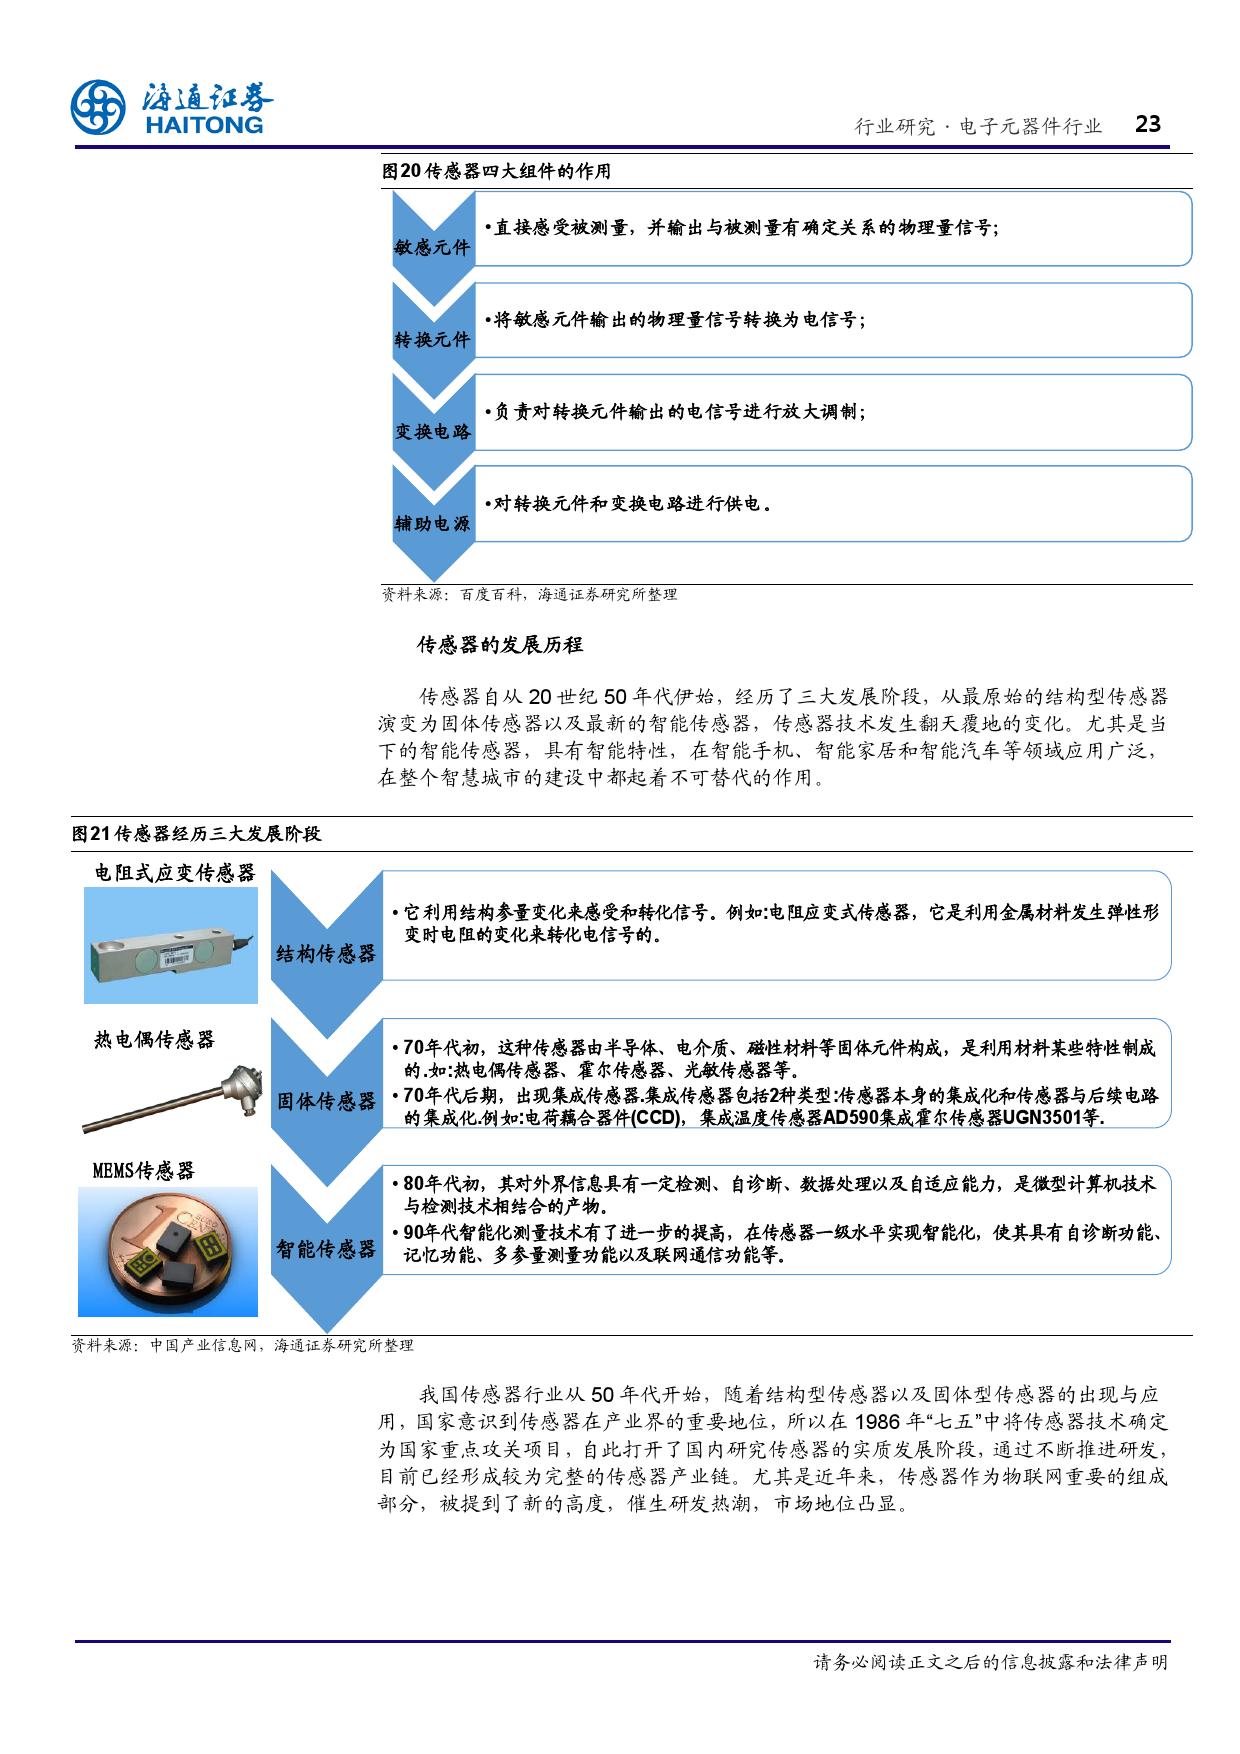 报告全解传感器全球产业链_000023